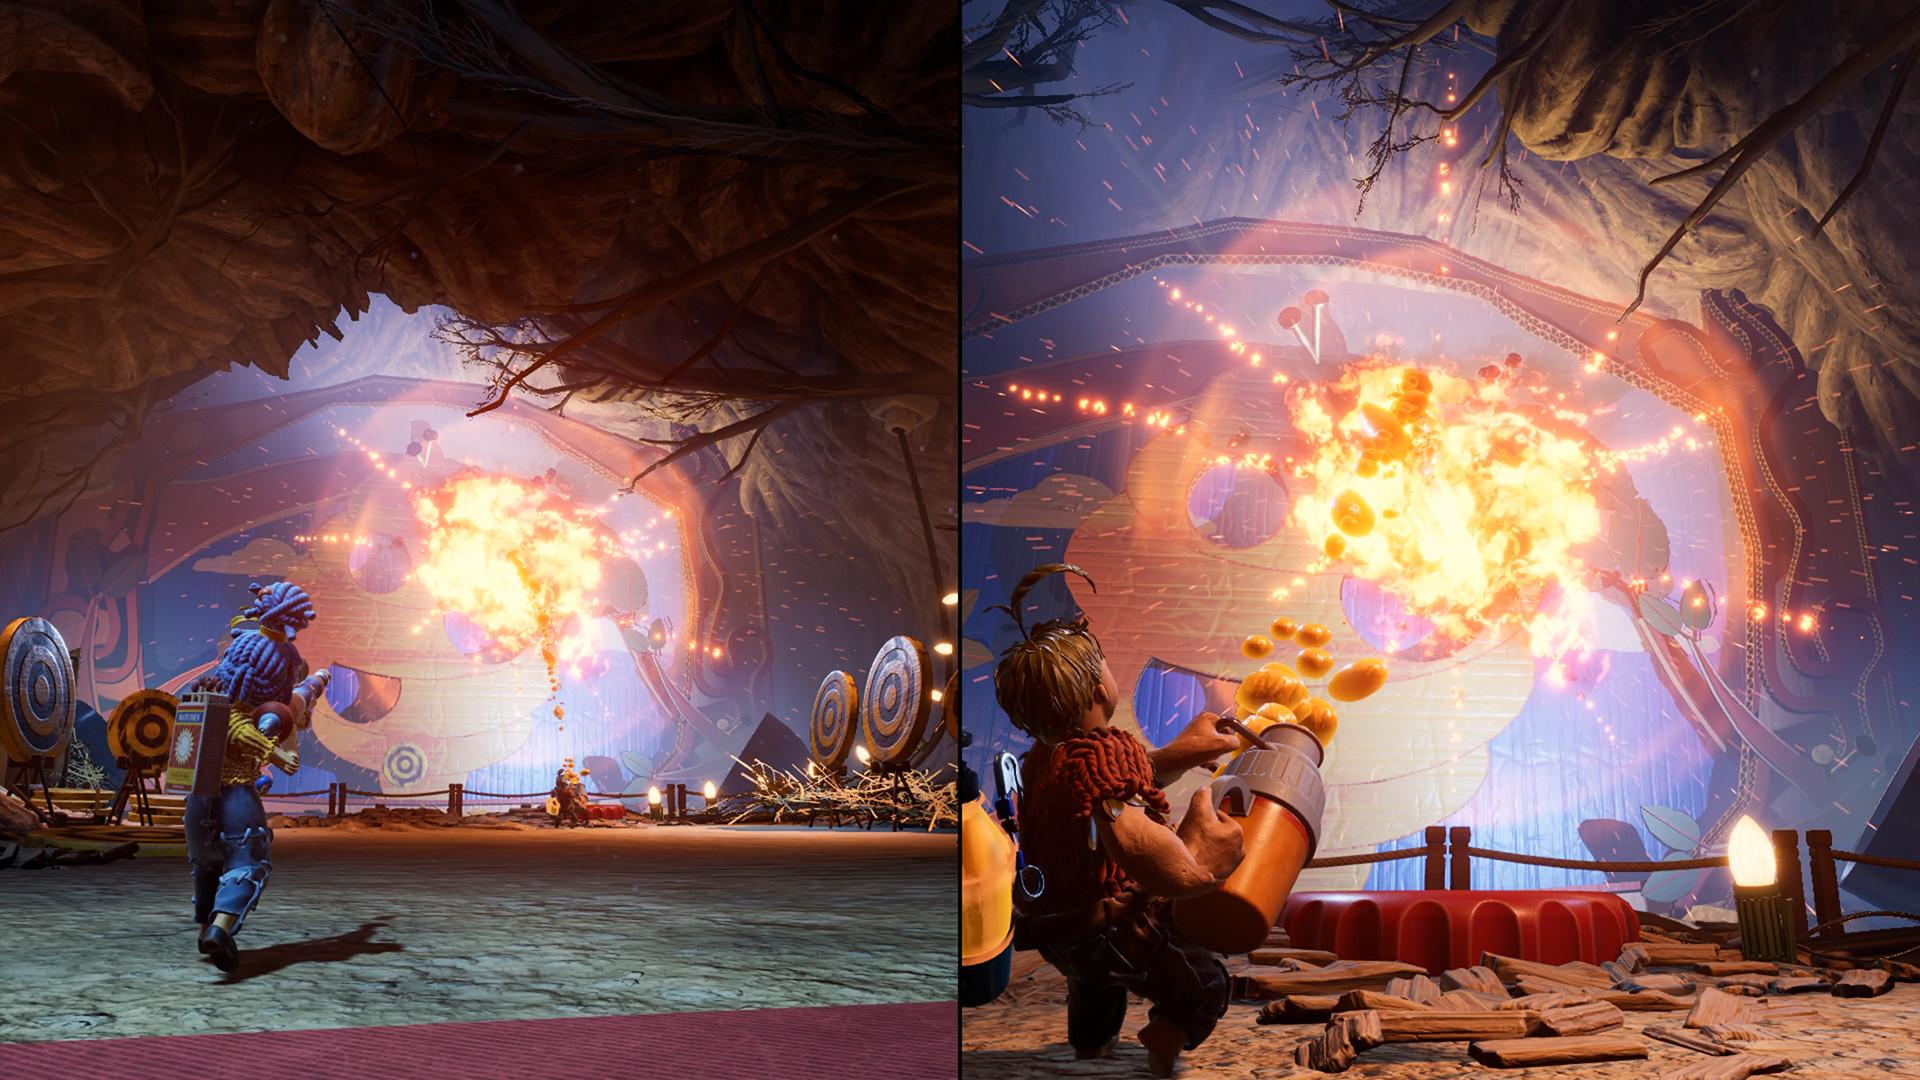 冒险游戏《双人成行》已上线Steam Steam 游戏资讯 第2张